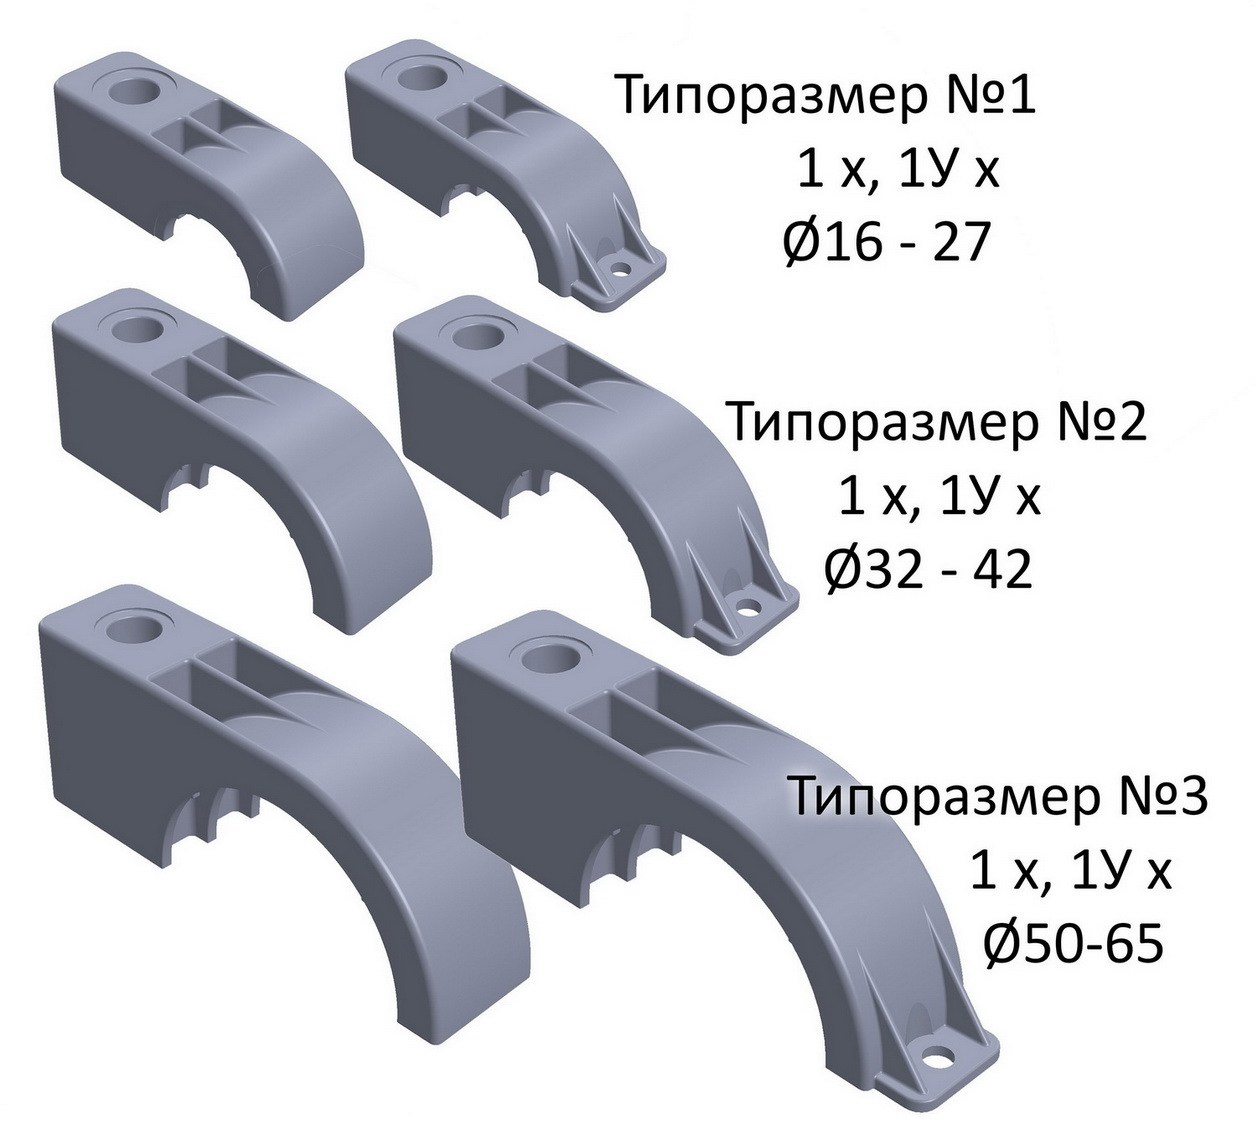 Однотрубные крепления (без уха / с ухом)